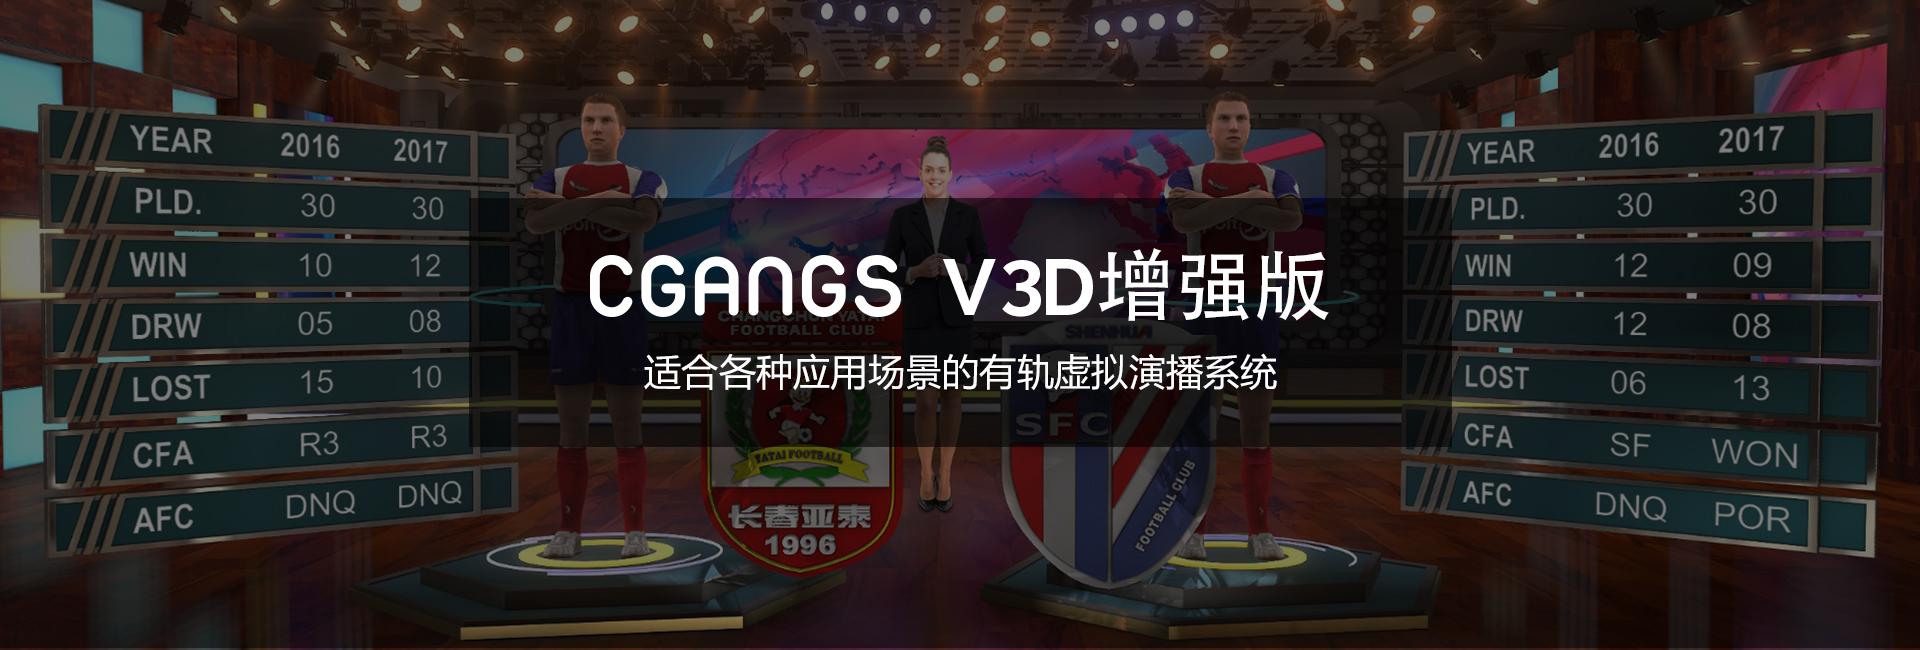 点我,了解更多关于Cgangs V3D增强版的内容